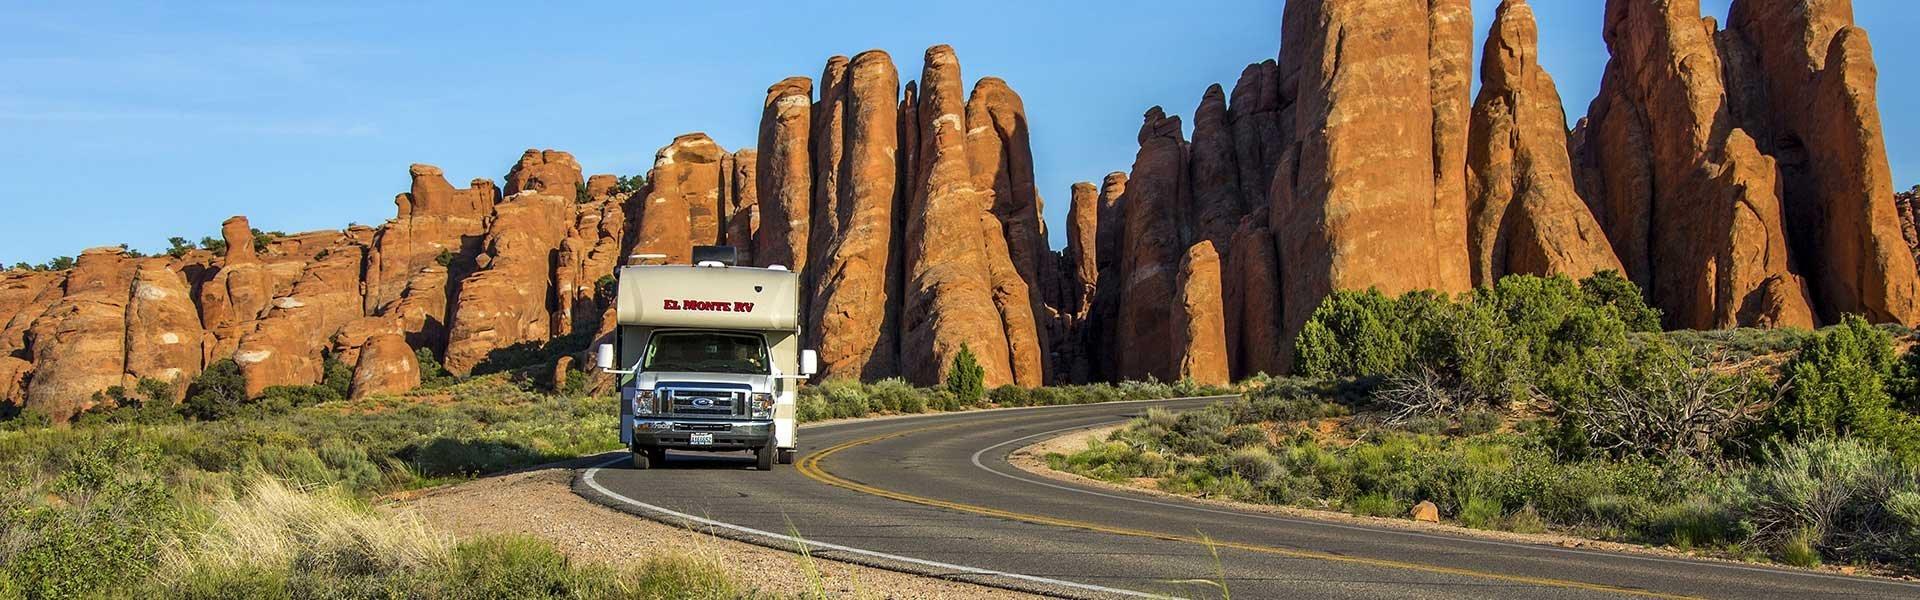 Bezoek Arches National Park tijdens een camperreis door Amerika met El Monte